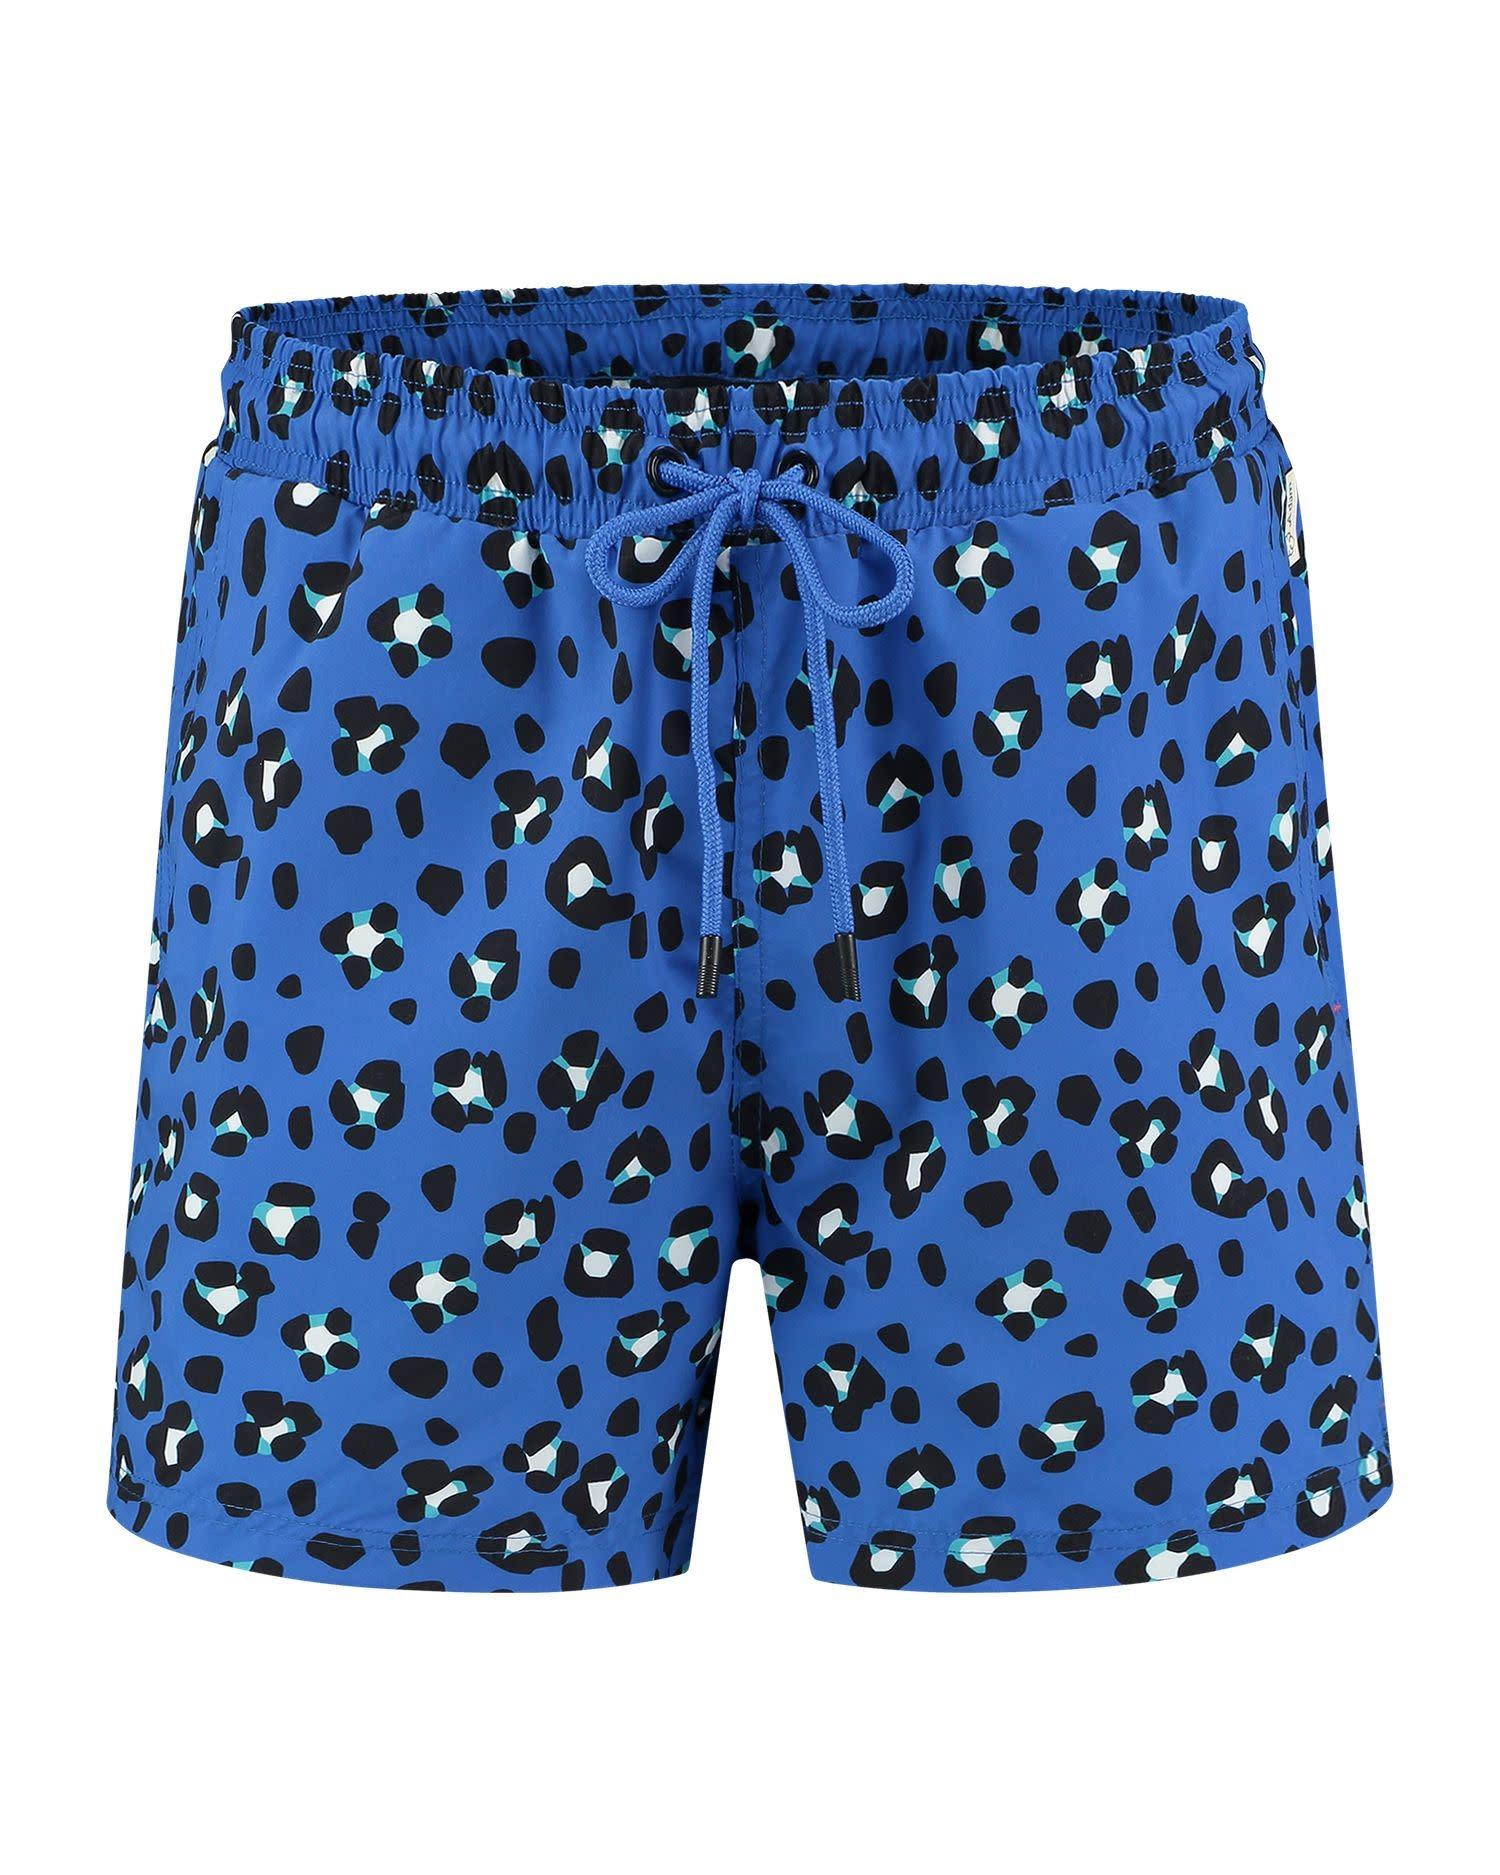 Jente Swimshort Blue-1